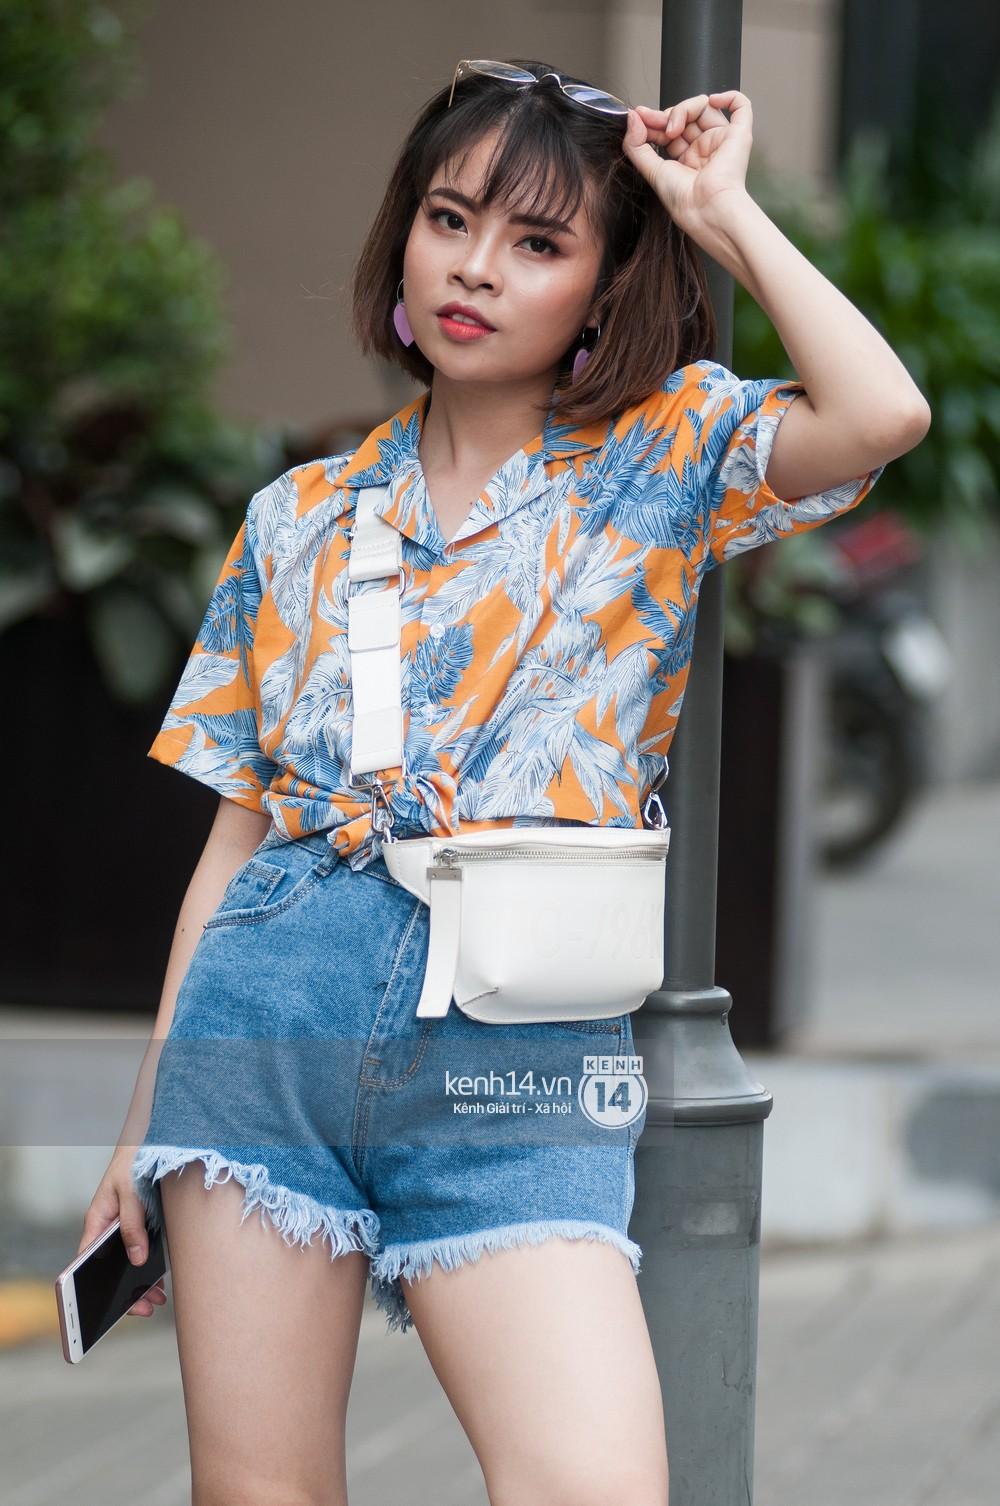 Street style giới trẻ Việt: Hà Nội toàn áo 2 dây và xuyên thấu mát mẻ; Sài Gòn vẫn điệp khúc càng ấm càng chất - Ảnh 6.